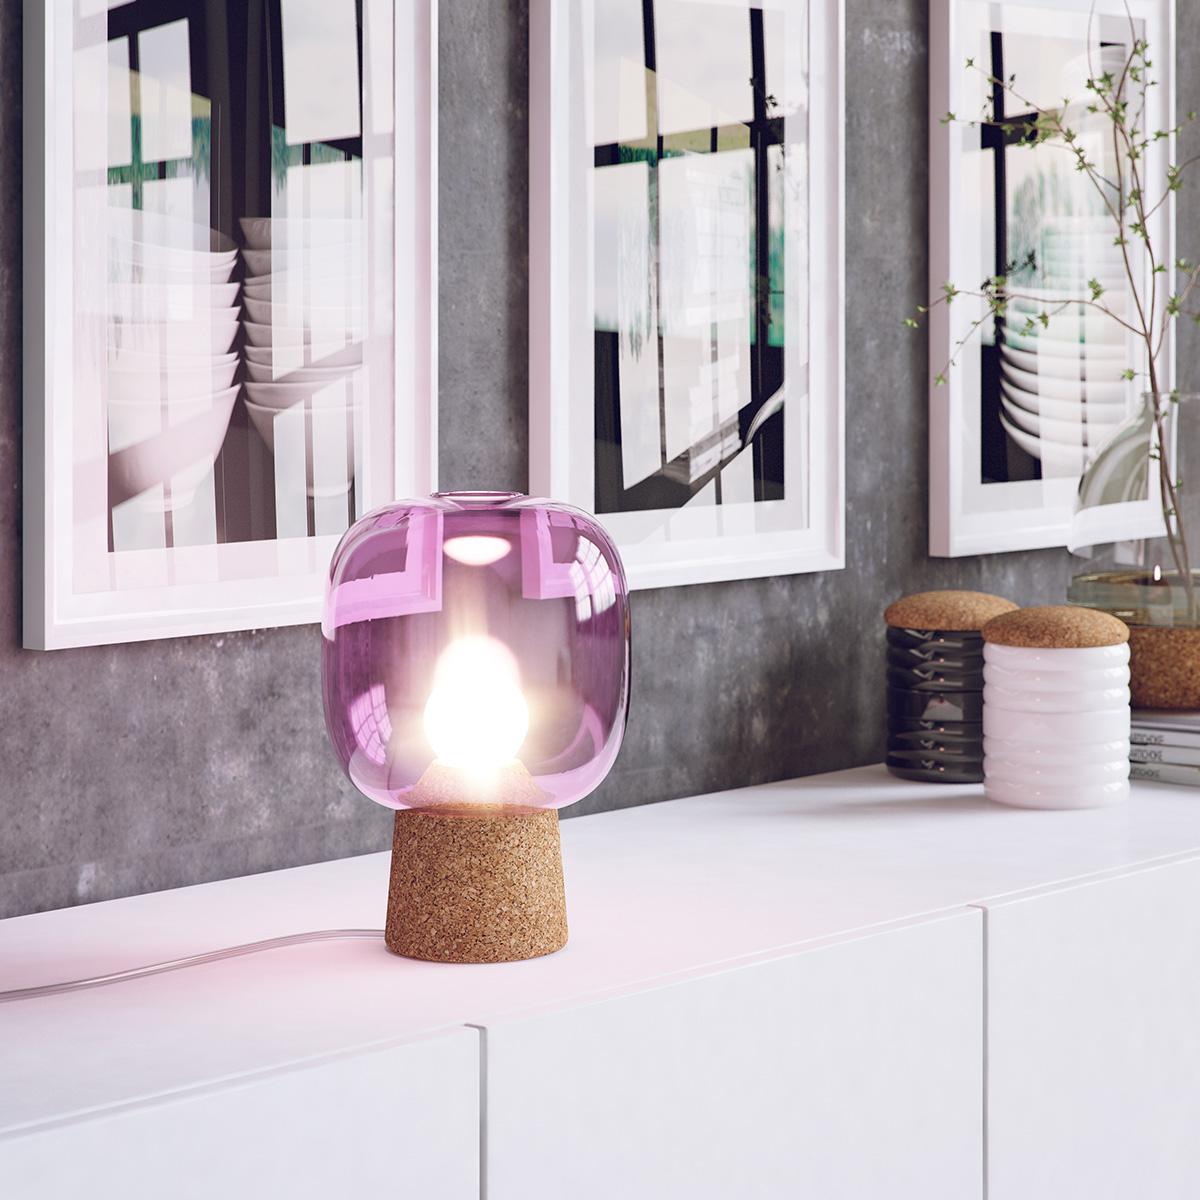 Picia / Enrico Zanolla, table lamp made of glass and cork